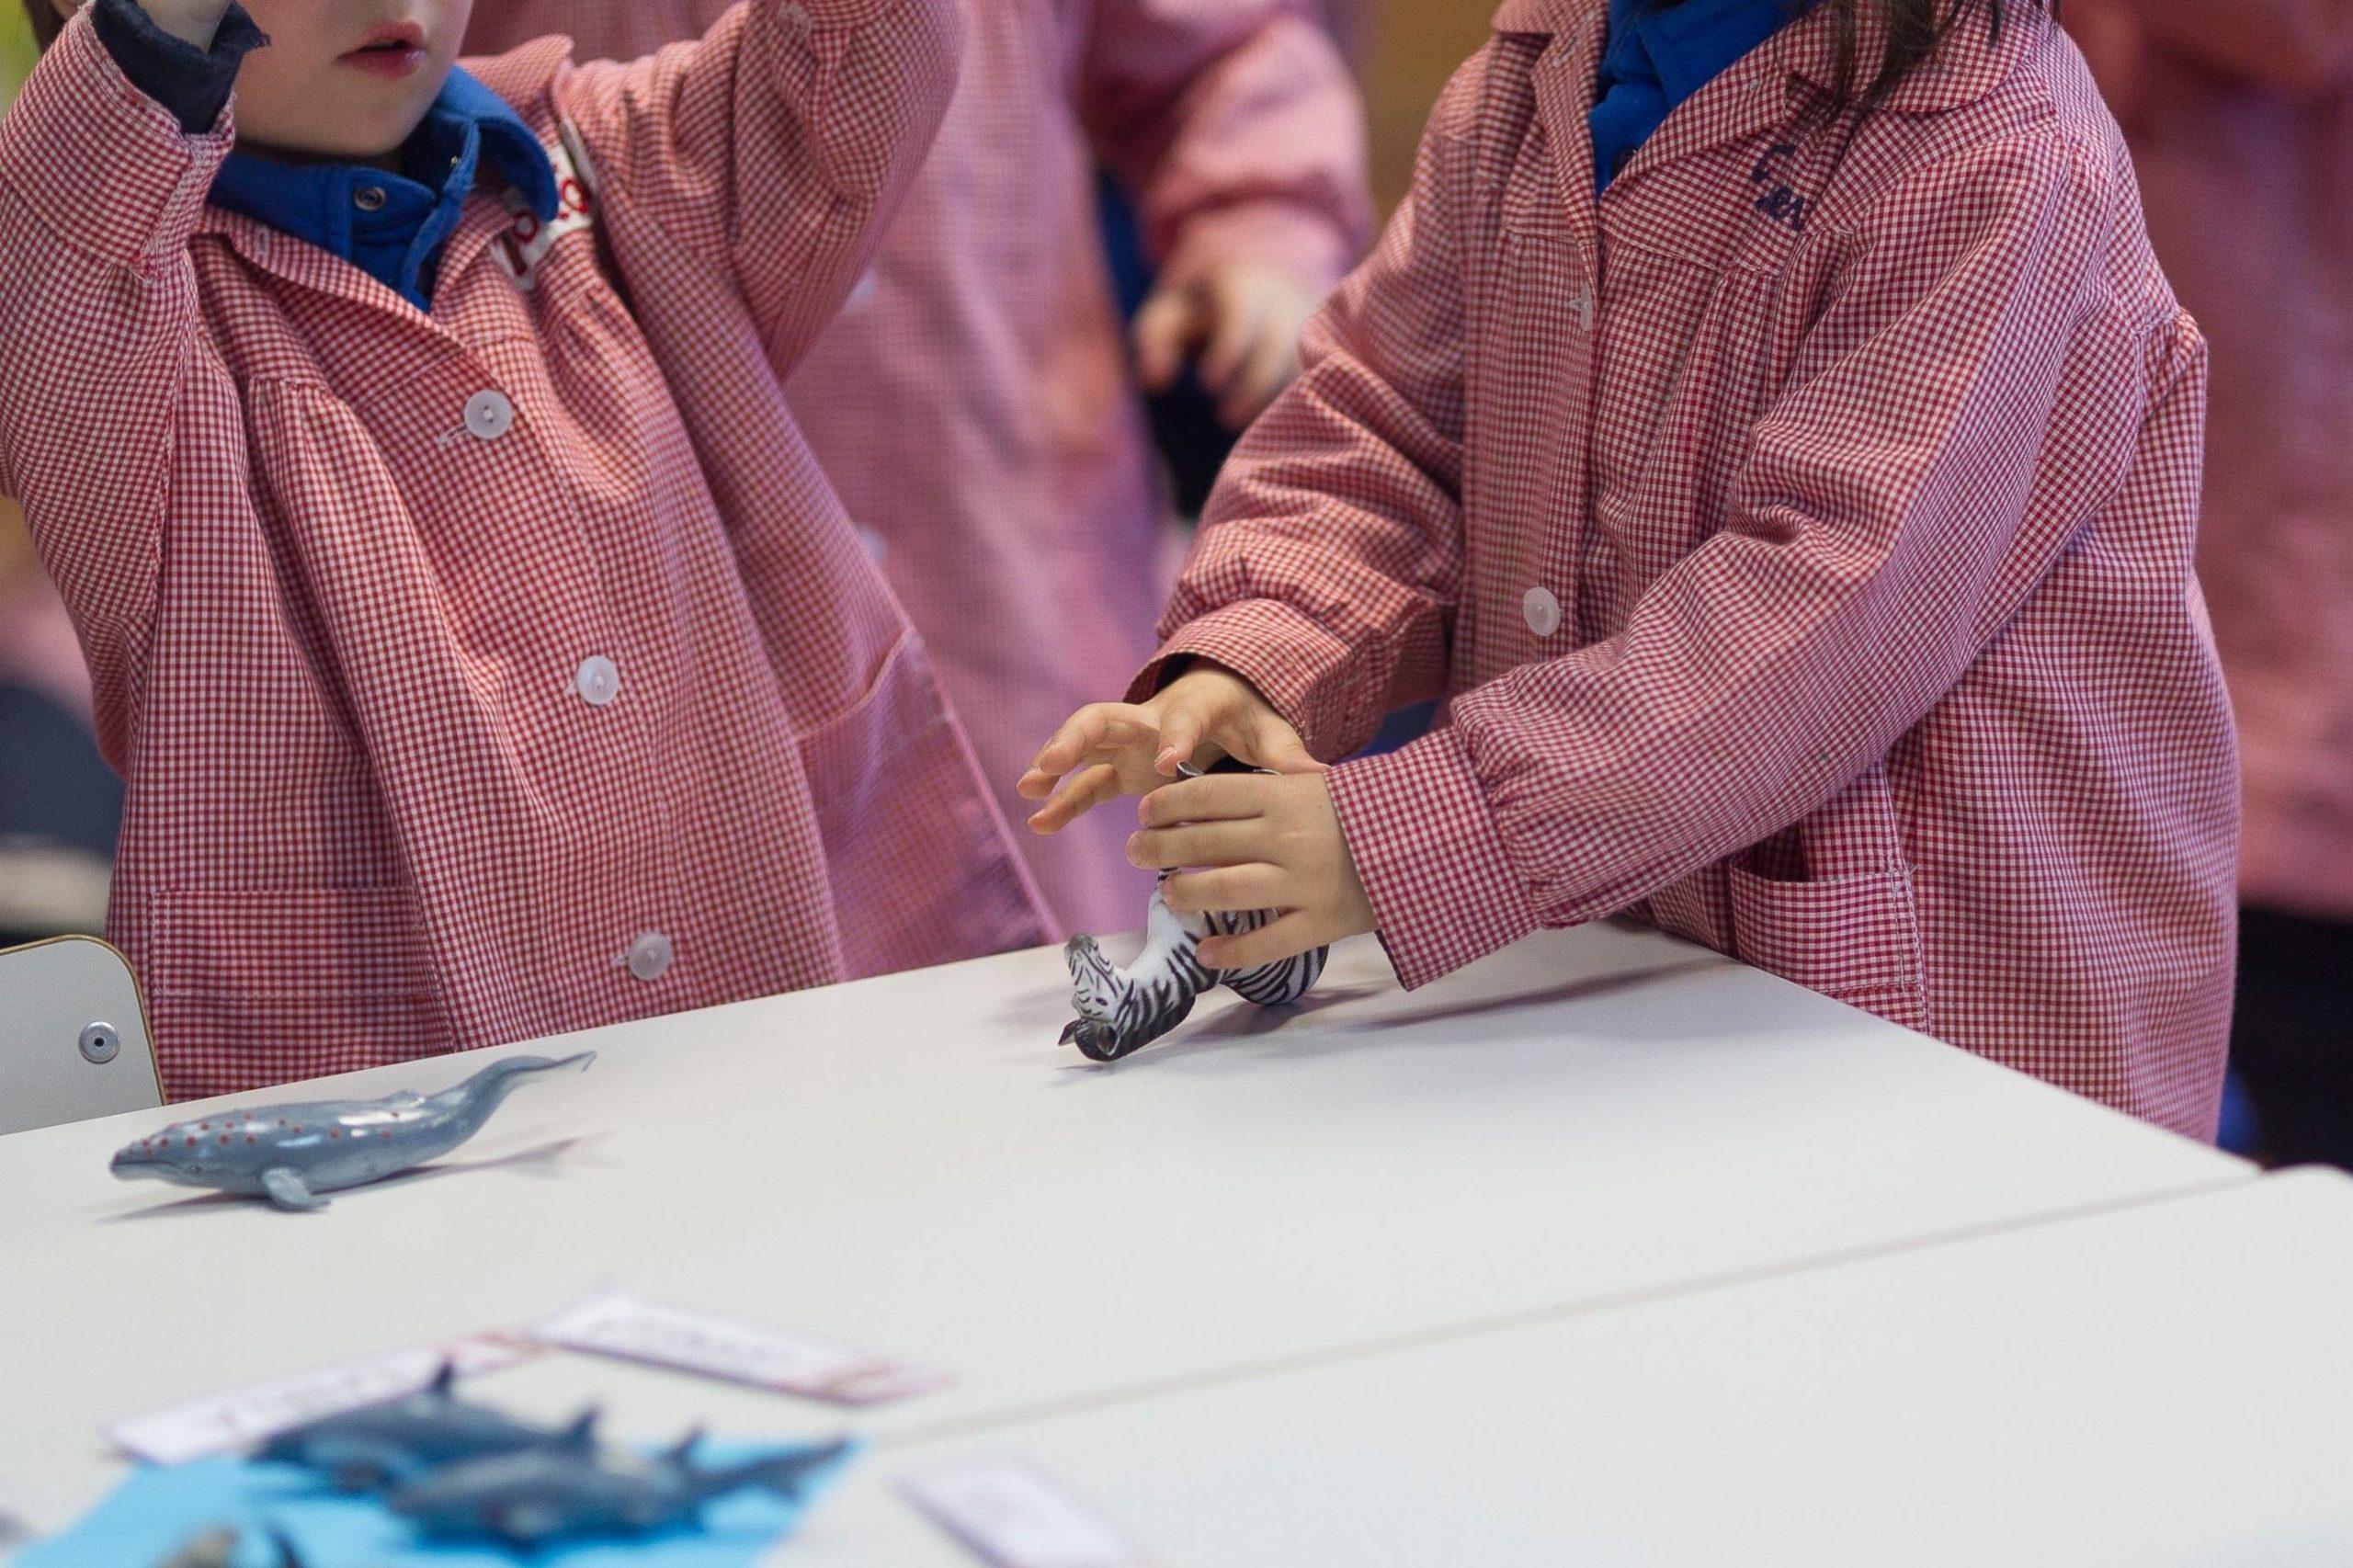 Uns nens a la classe d'una escola | Europa Press